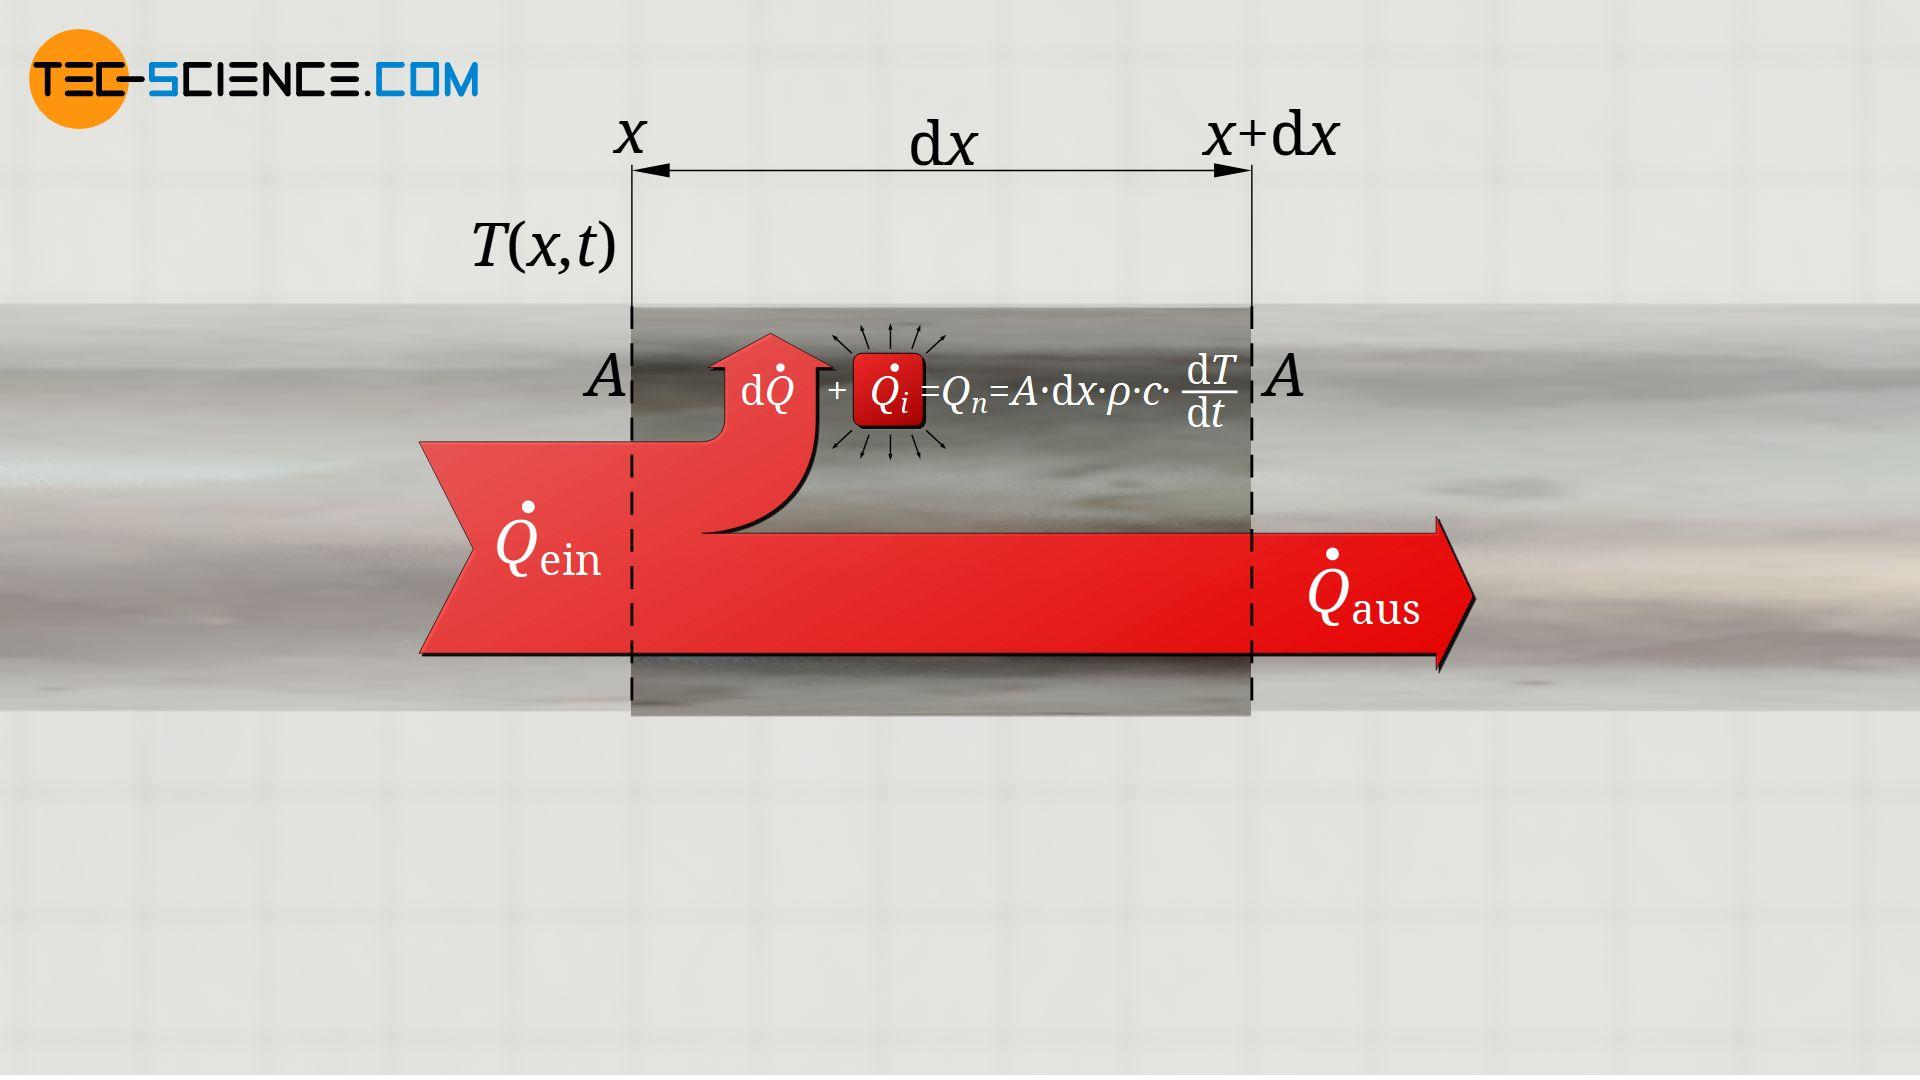 Wärmeleitungsgleichung mit interner Wärmeerzeugung